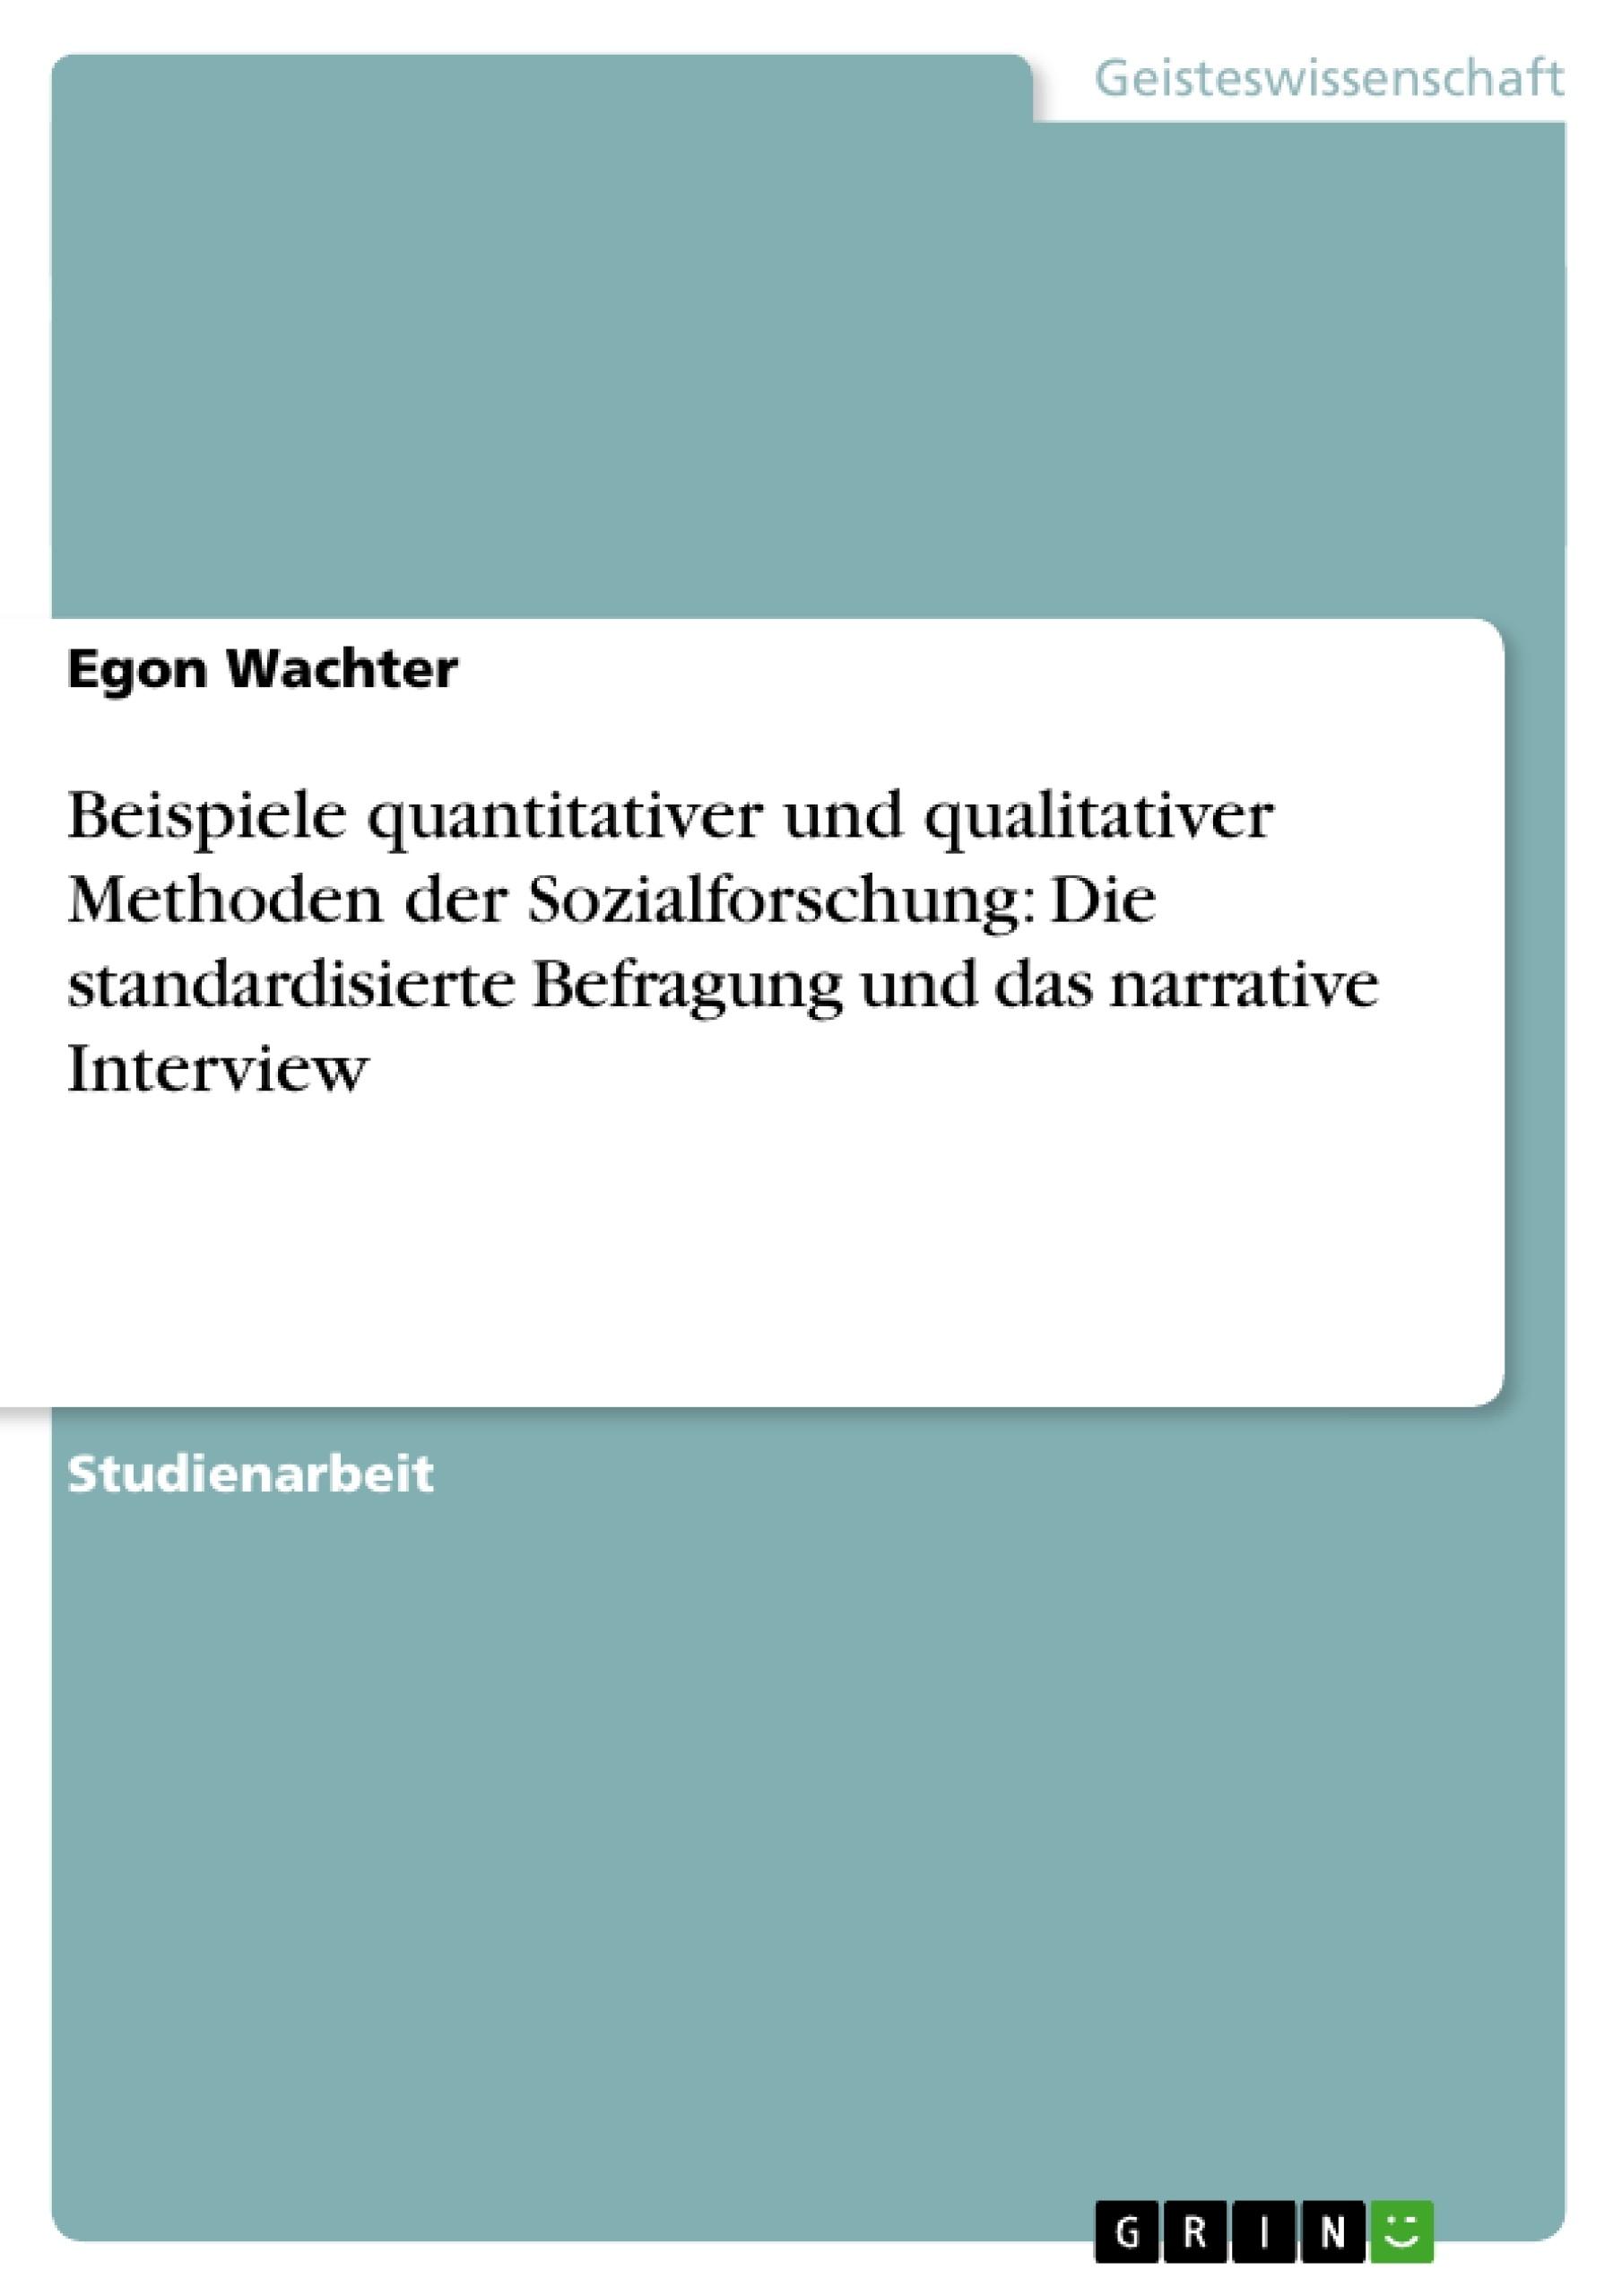 Titel: Beispiele quantitativer und qualitativer Methoden  der Sozialforschung:   Die standardisierte Befragung und  das narrative Interview